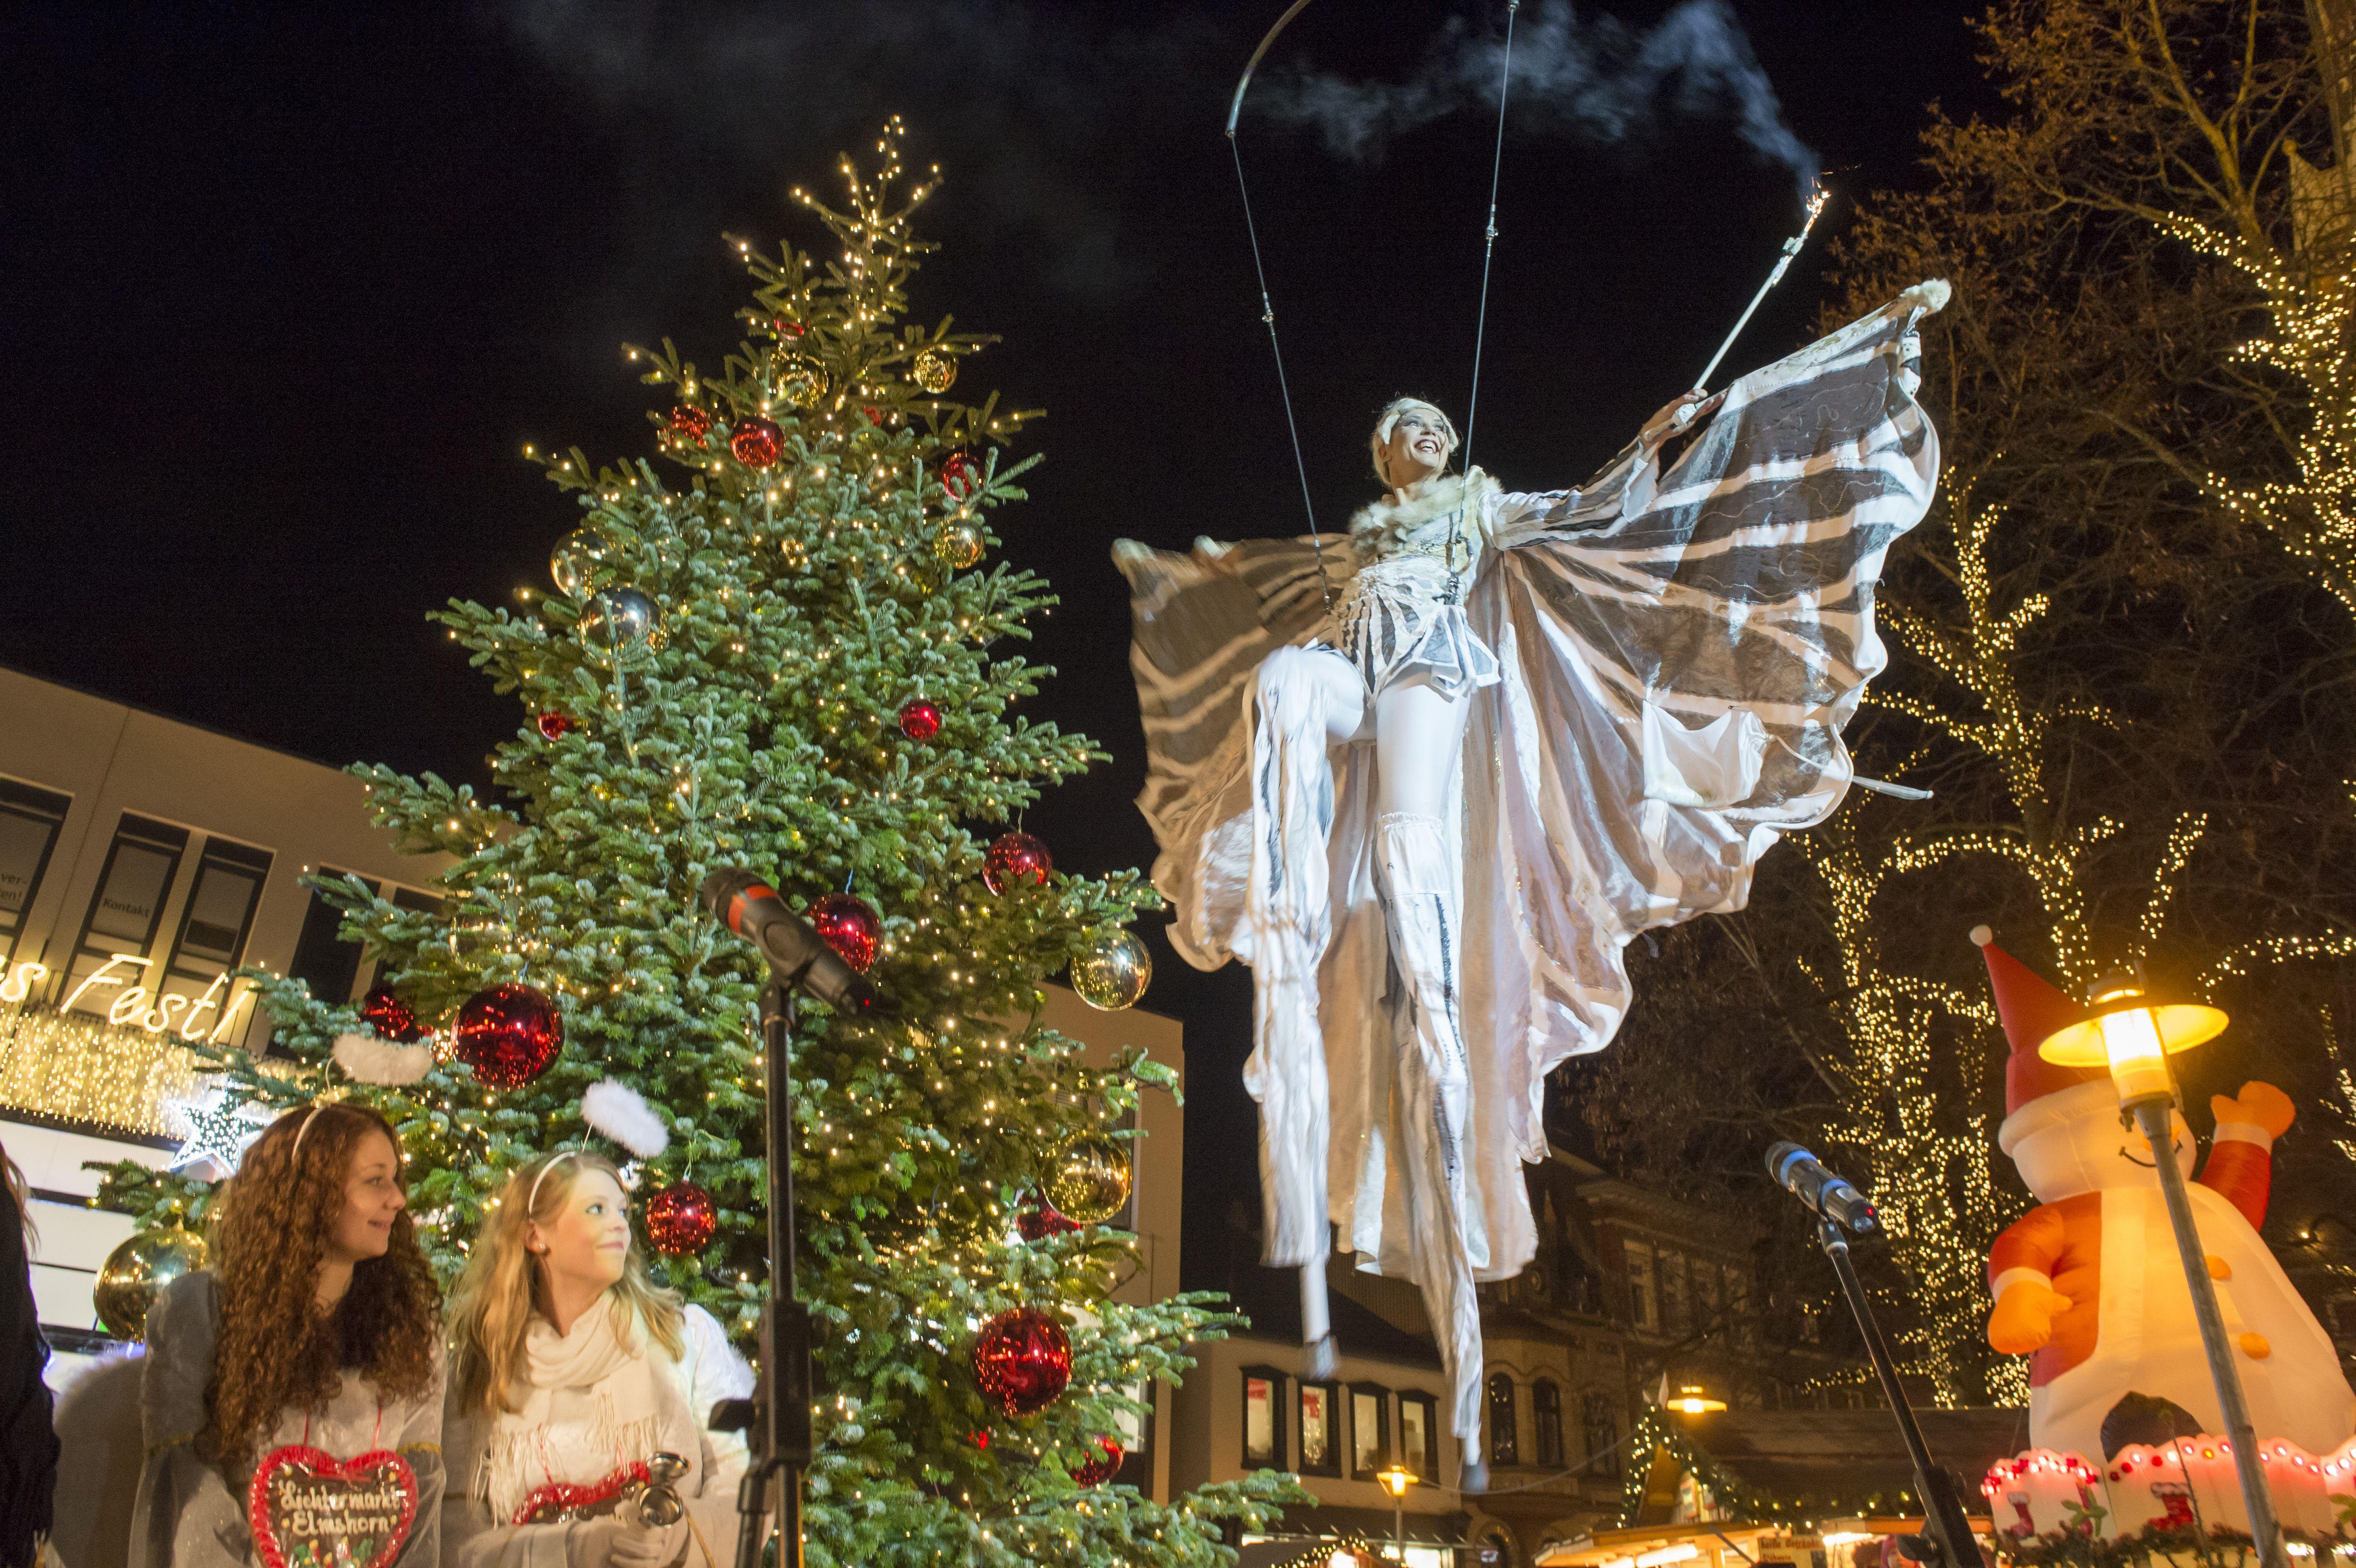 Weihnachtsmarkt Elmshorn.Lichtermarkt Elmshorn In Elmshorn Am 17 12 2015 Elmshorn